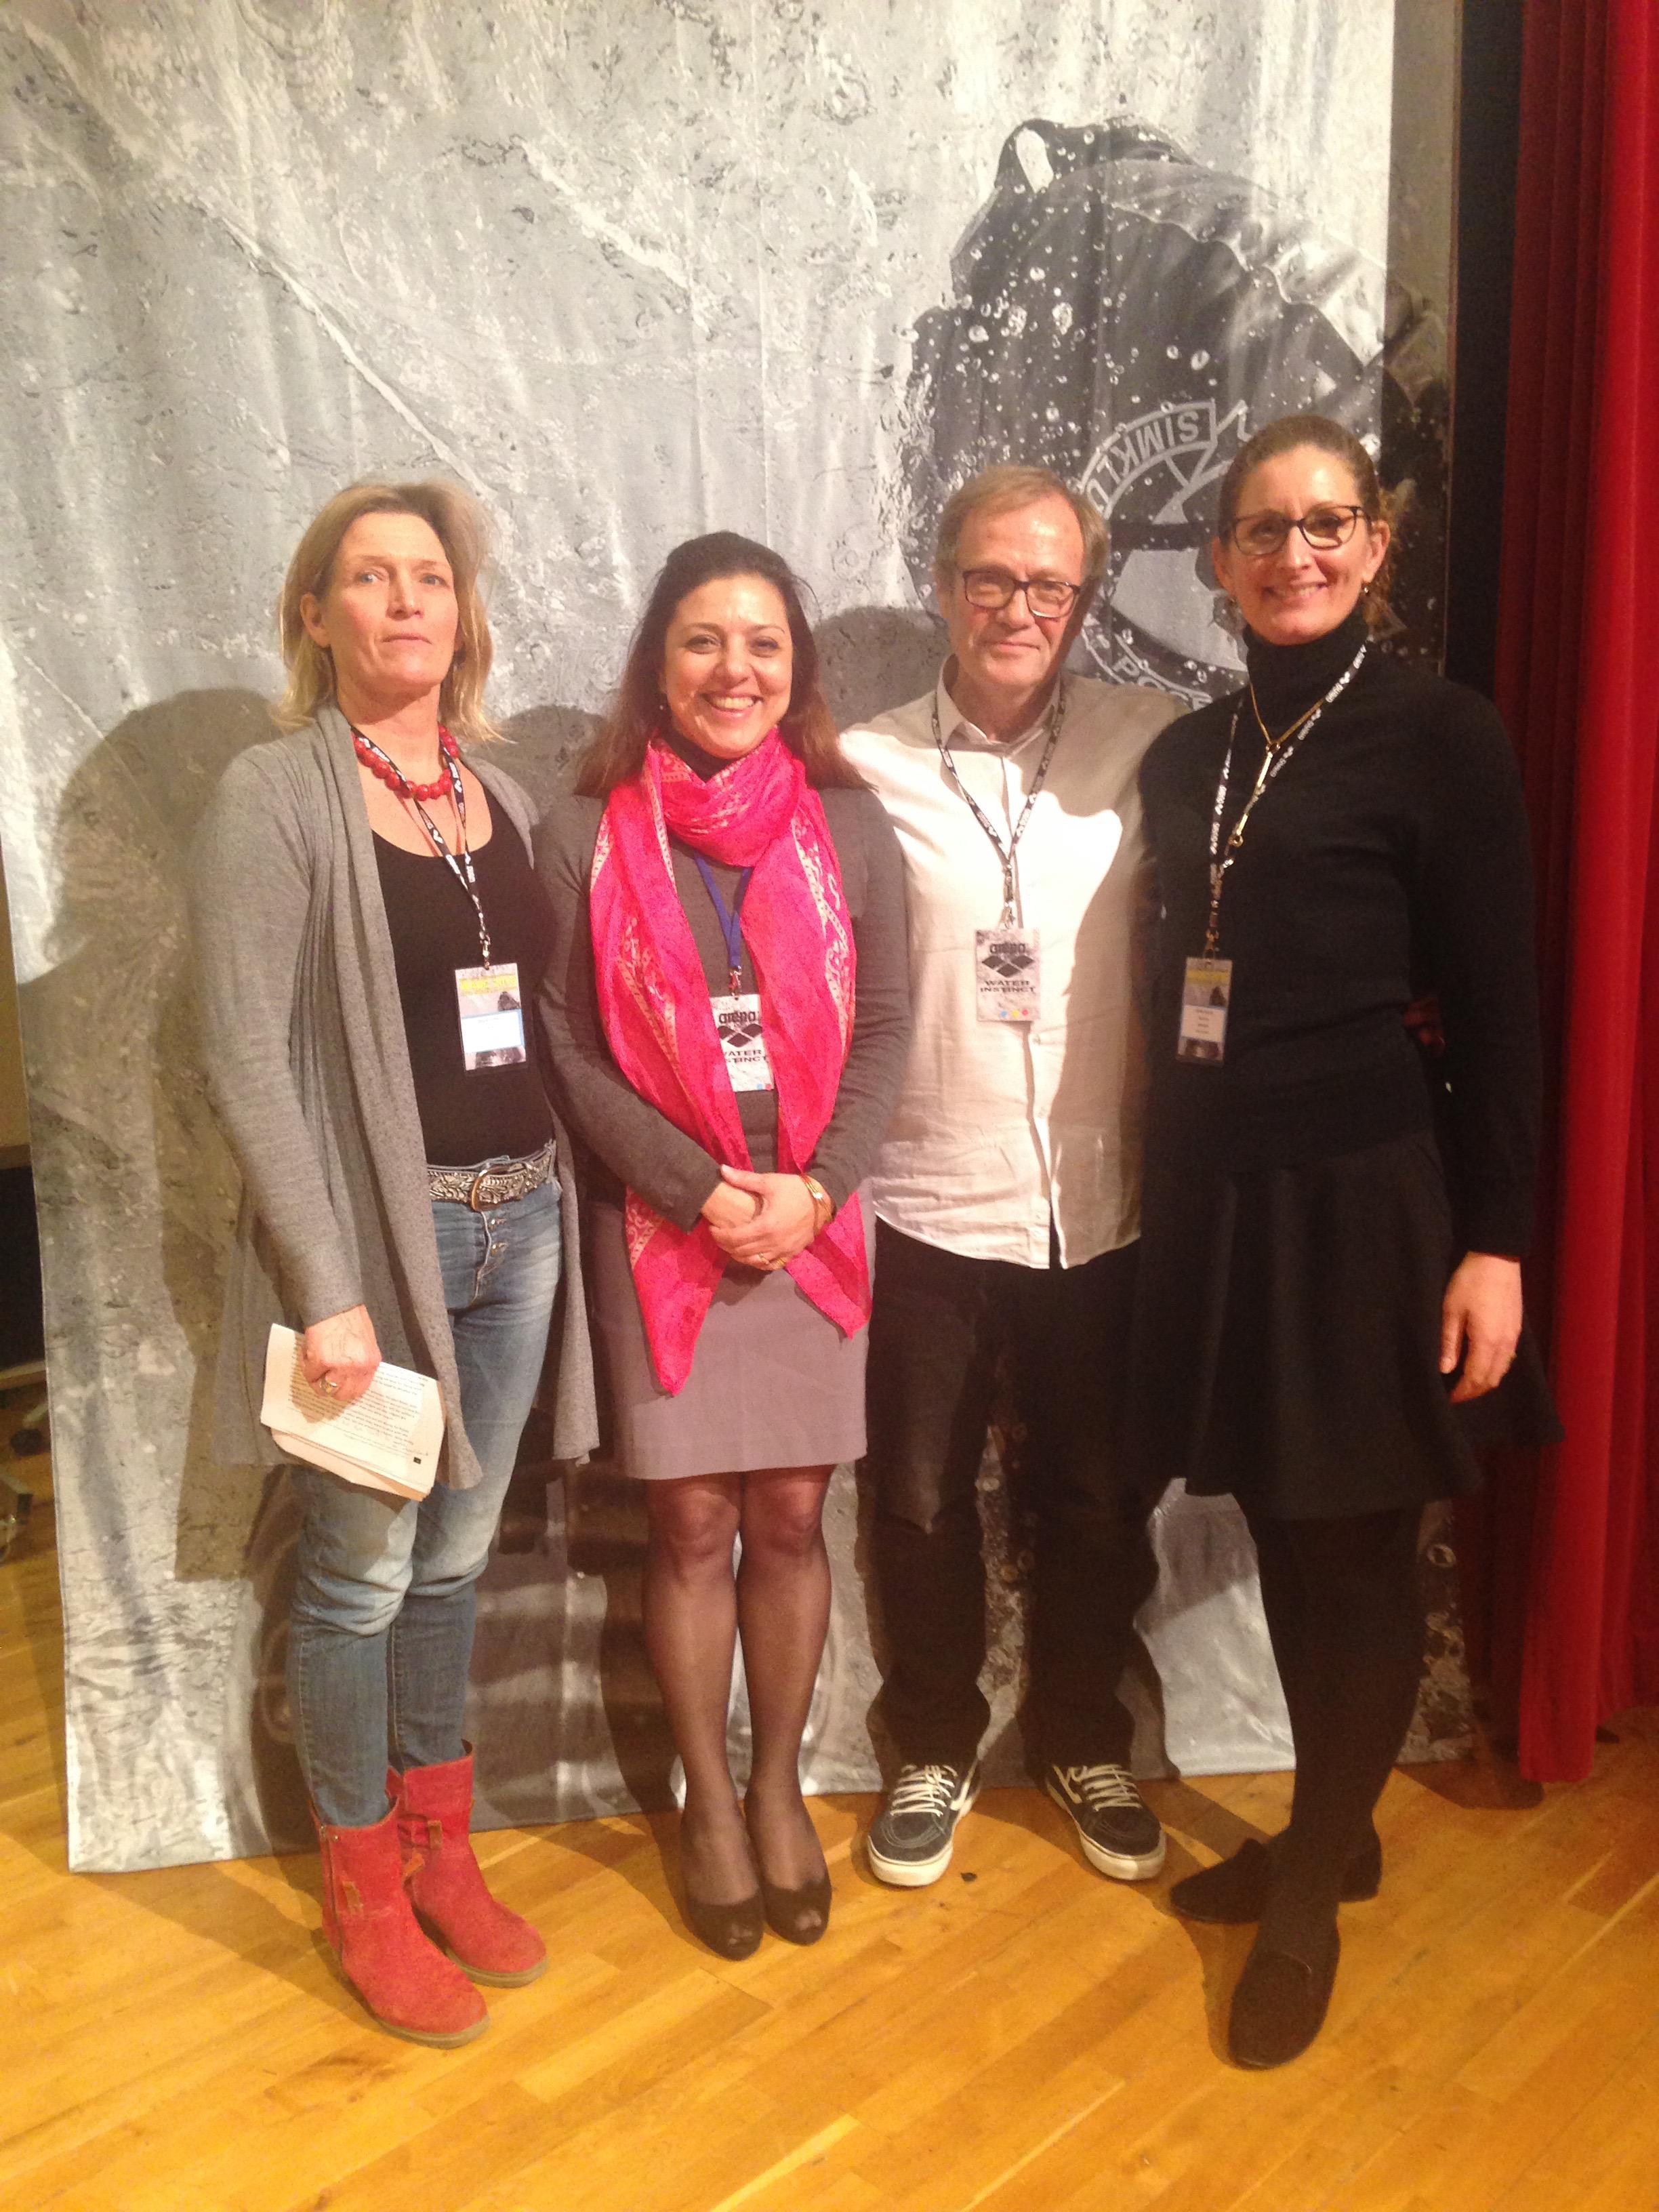 With Dr Zylberberg, Ulrika Faerch & Maren Ulfers (Germany)